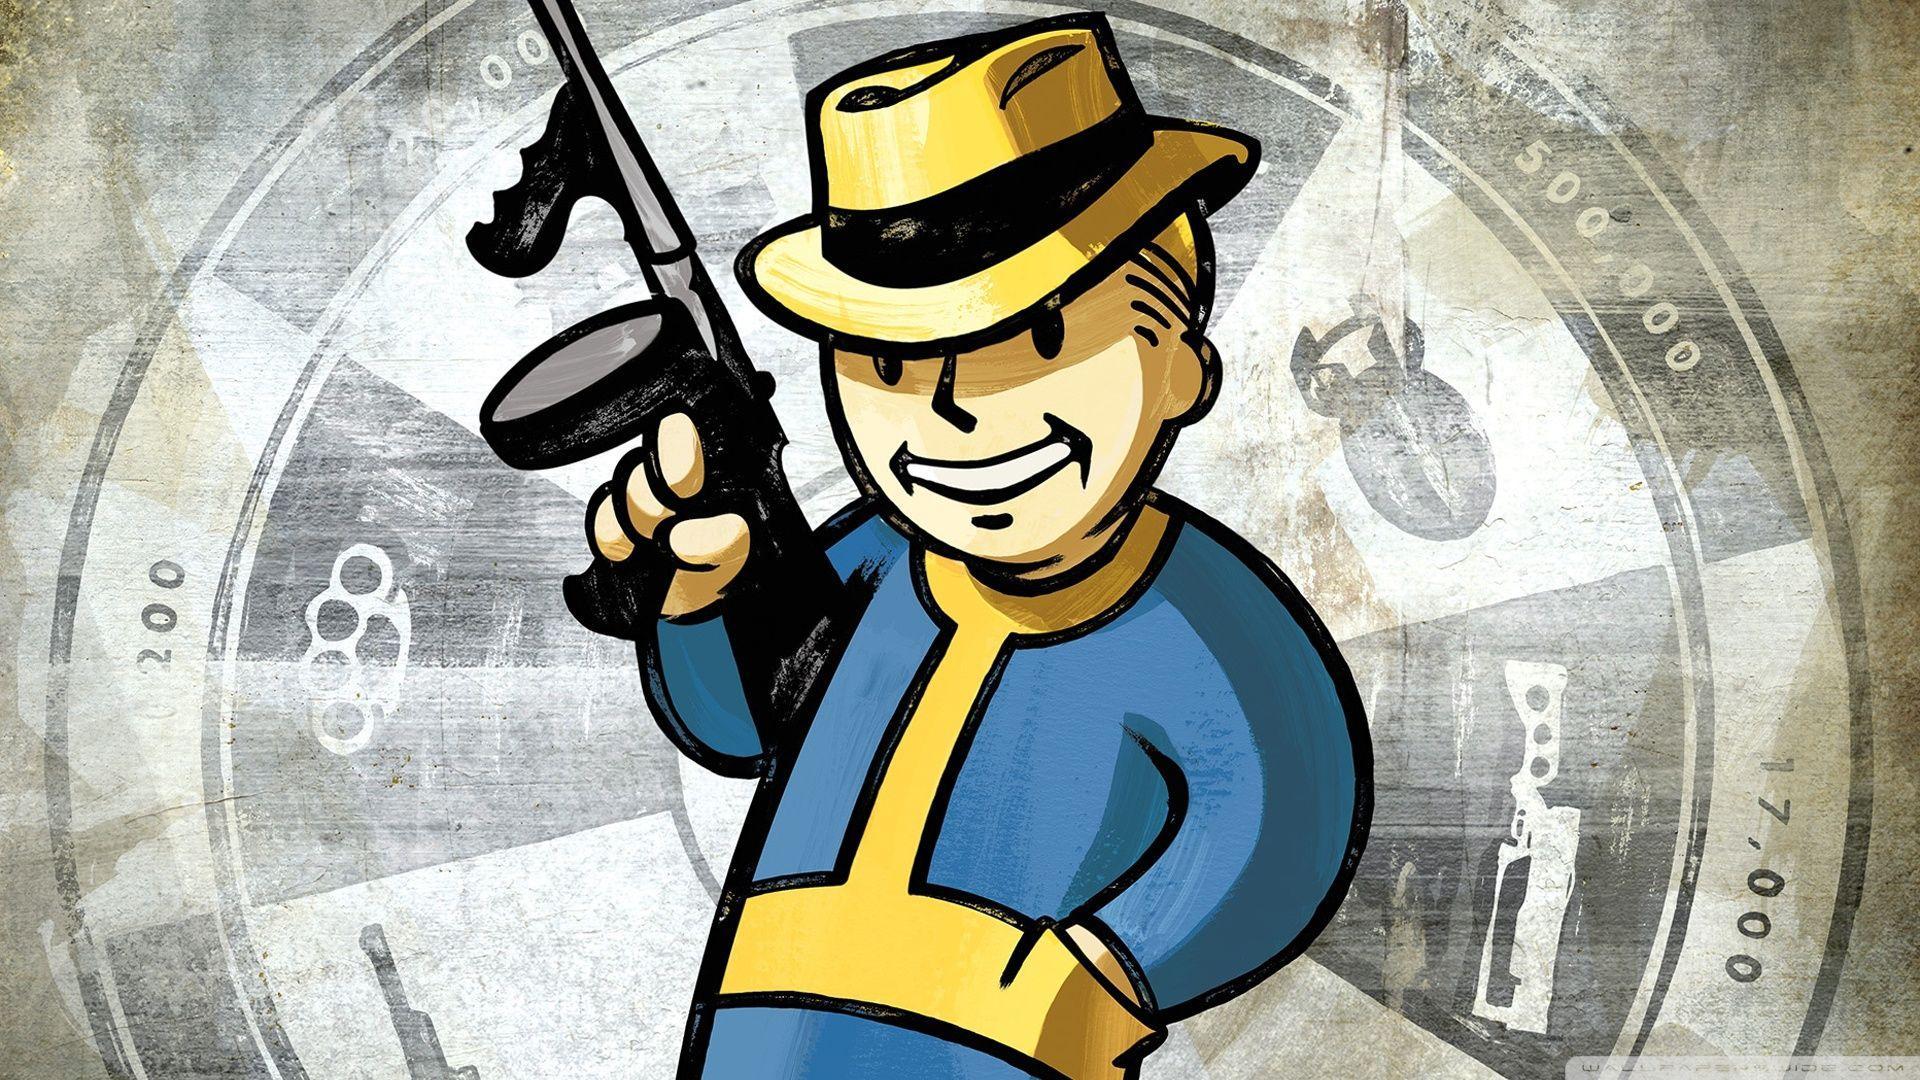 Fallout New Vegas Wallpapers Vault Boy Wallpaper Cave